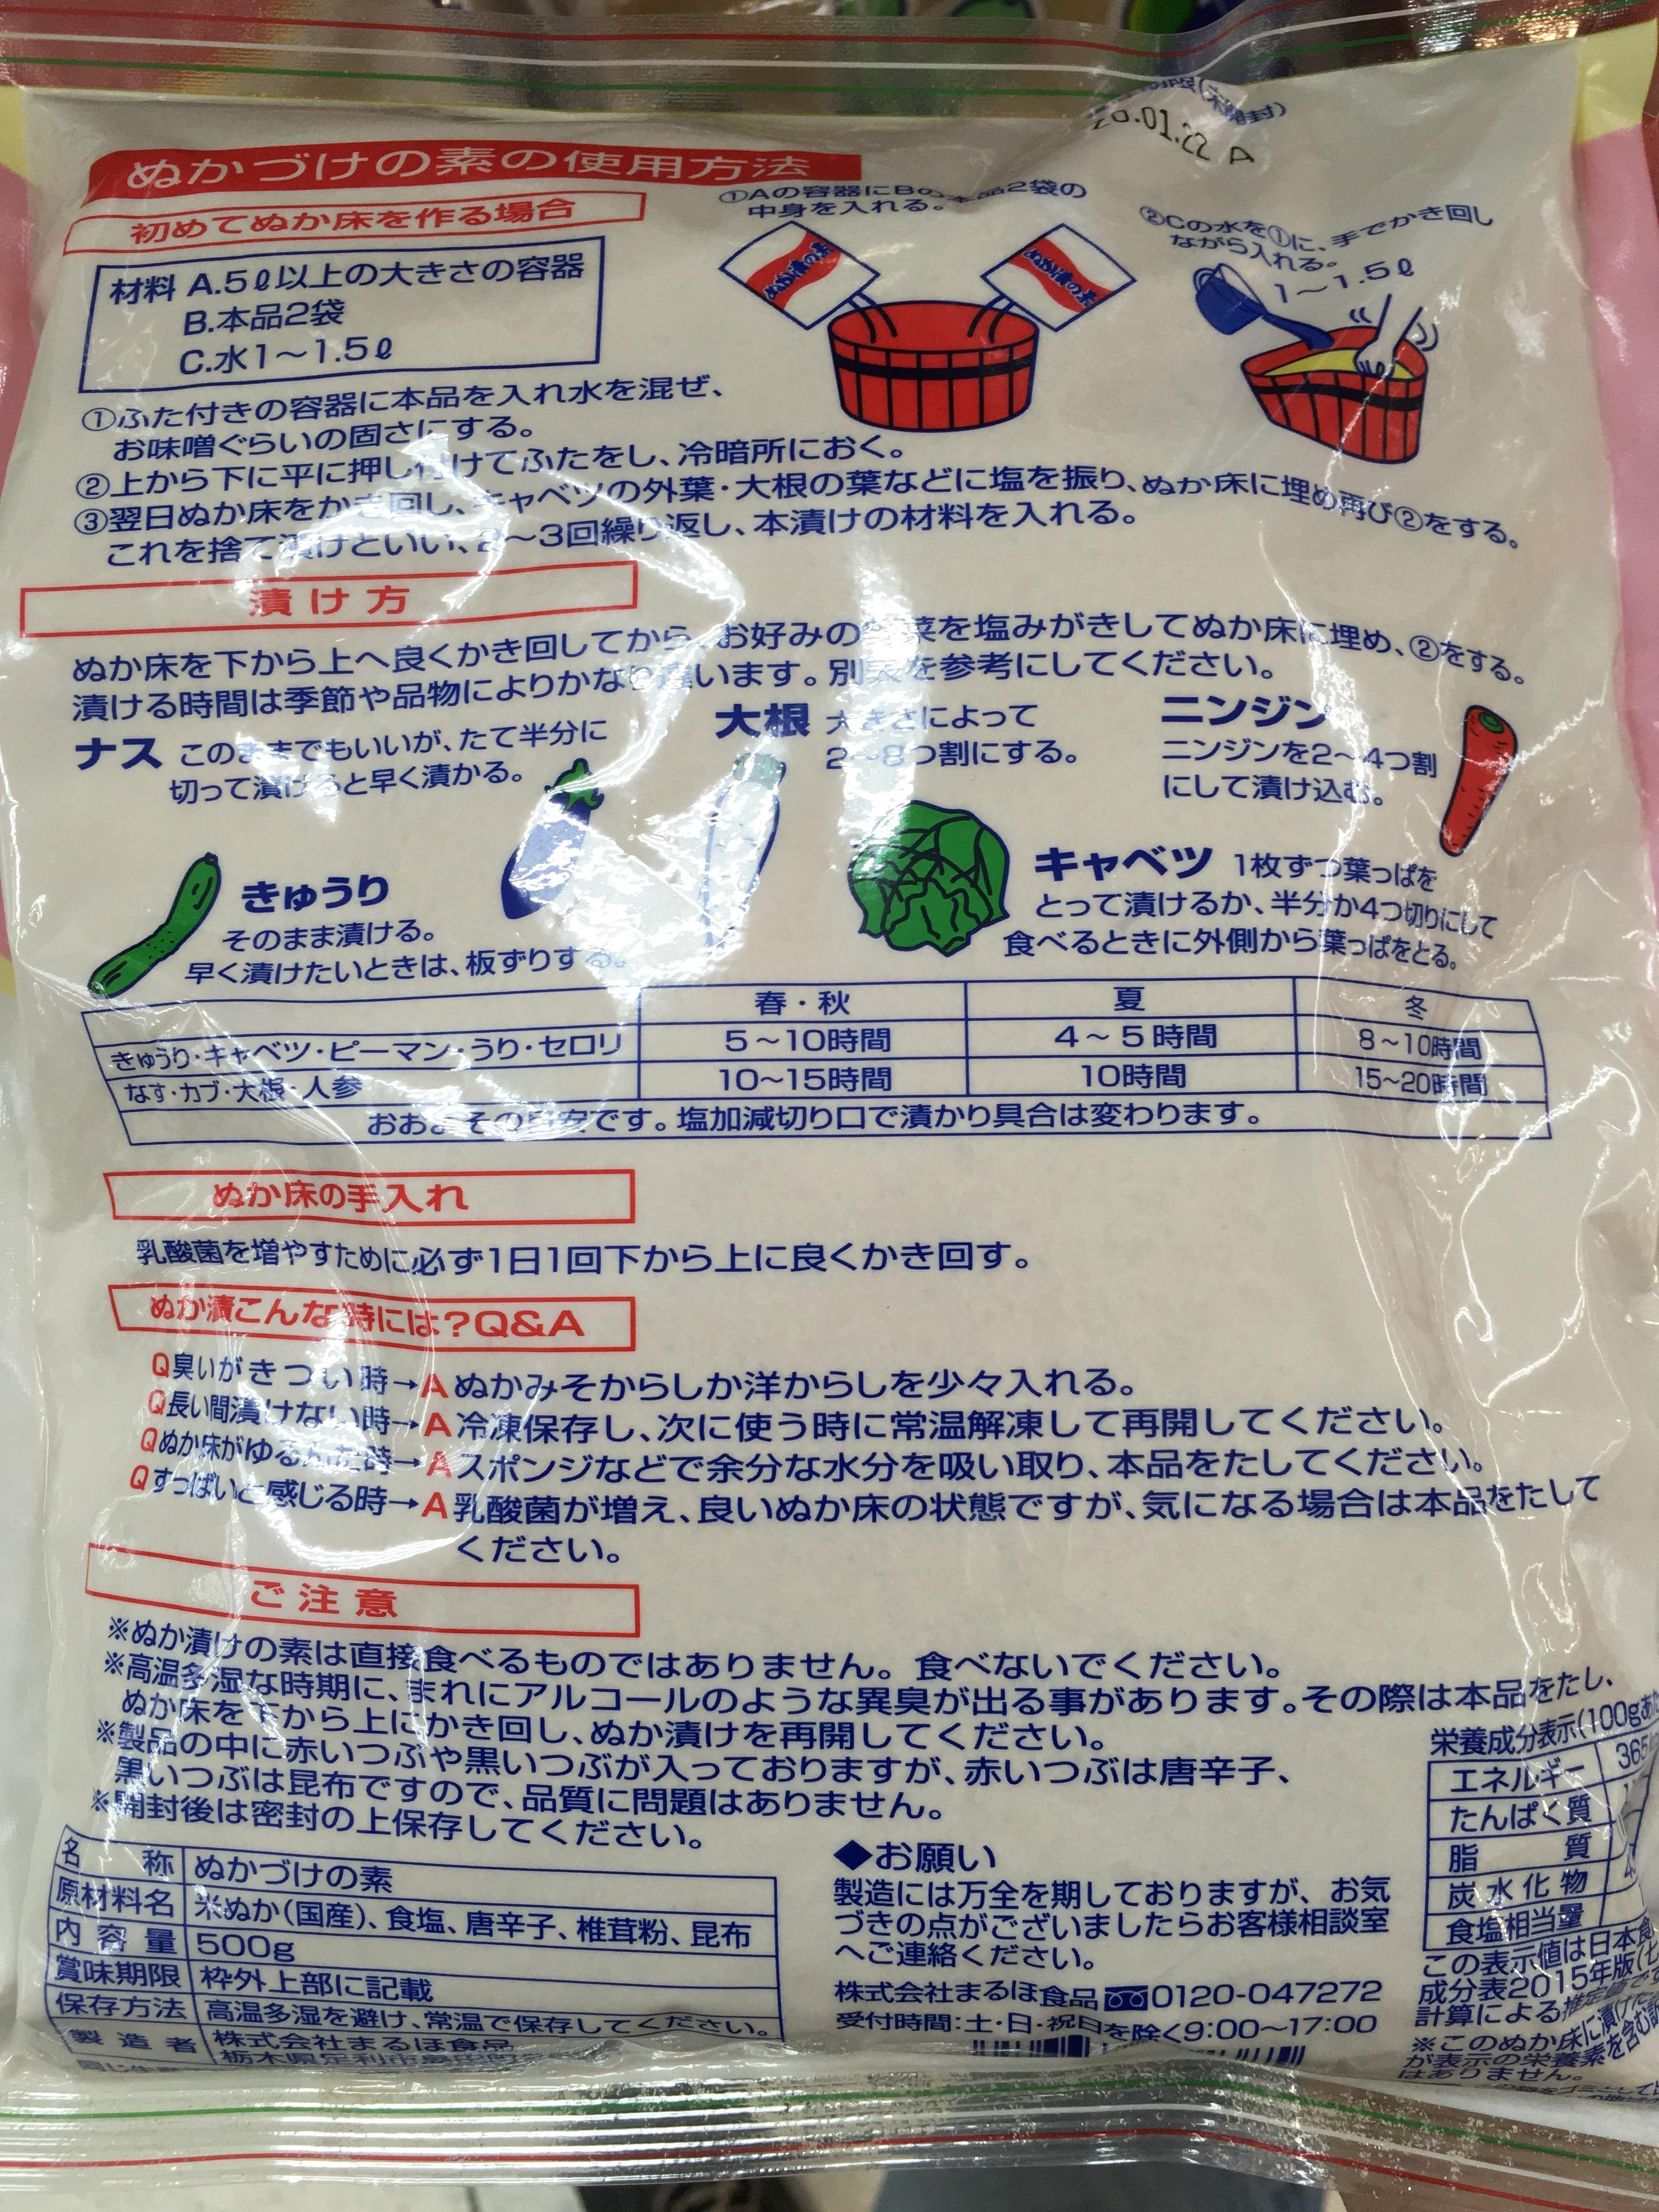 スーパーで売っている「ぬかづけの素」の袋の裏